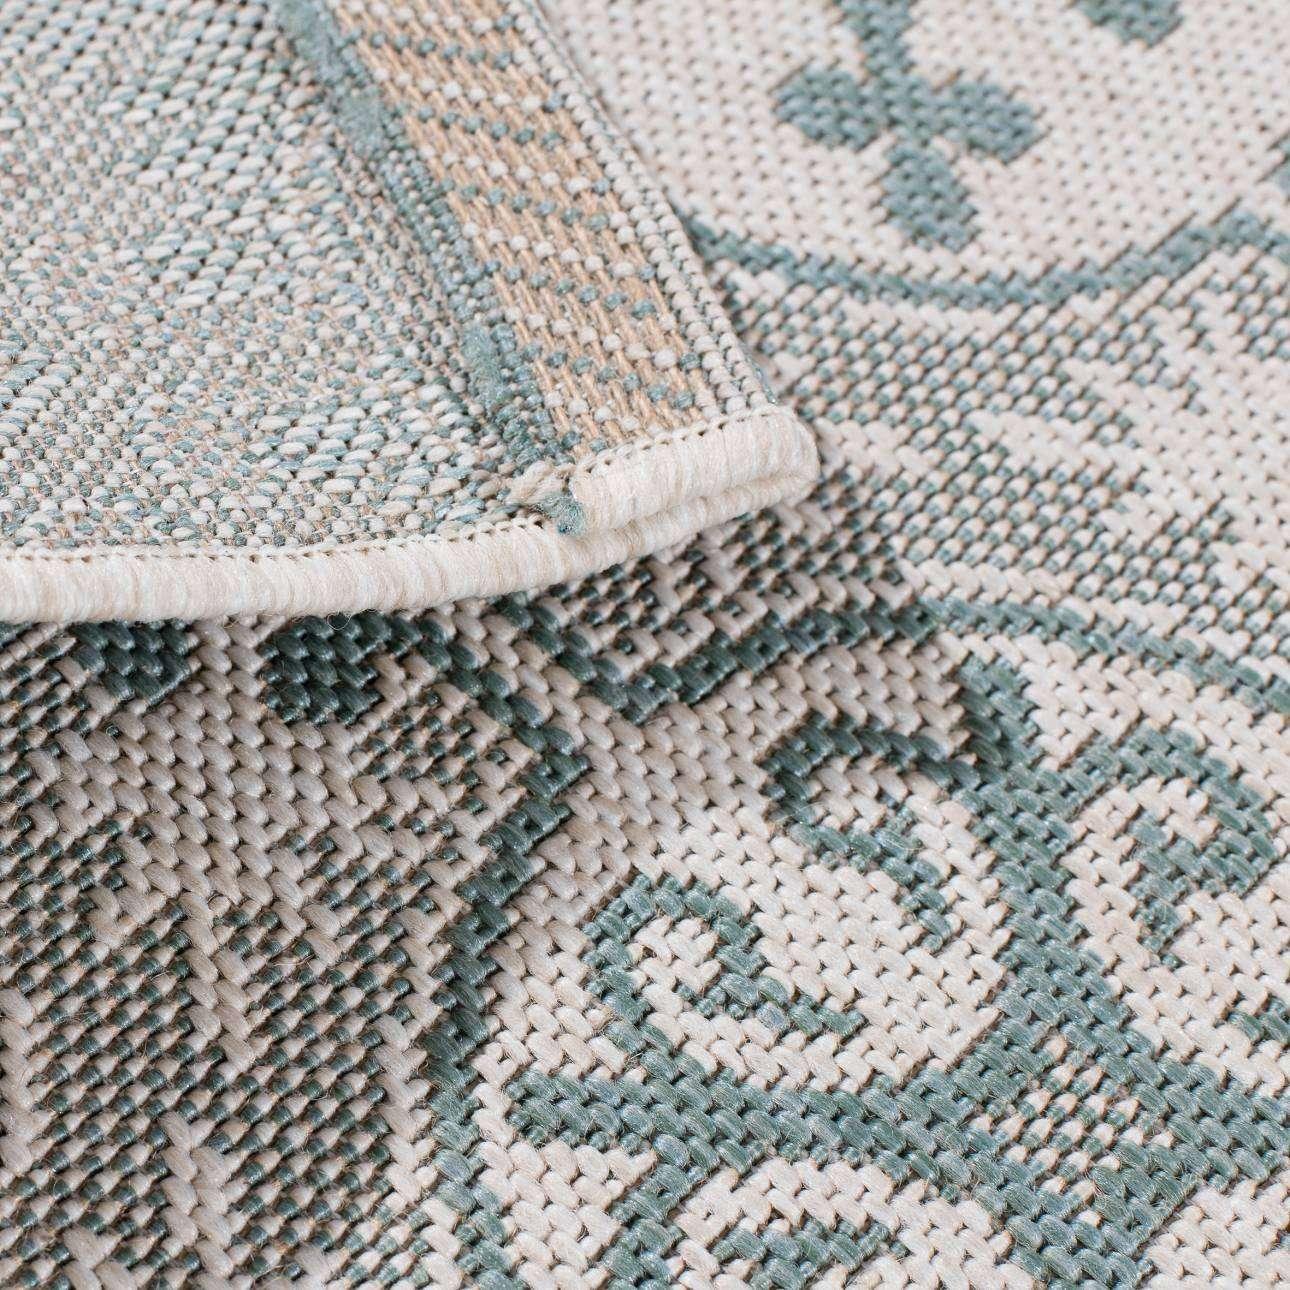 Dywan Modern Ethno wool/spa blue 120x170cm 120x170cm